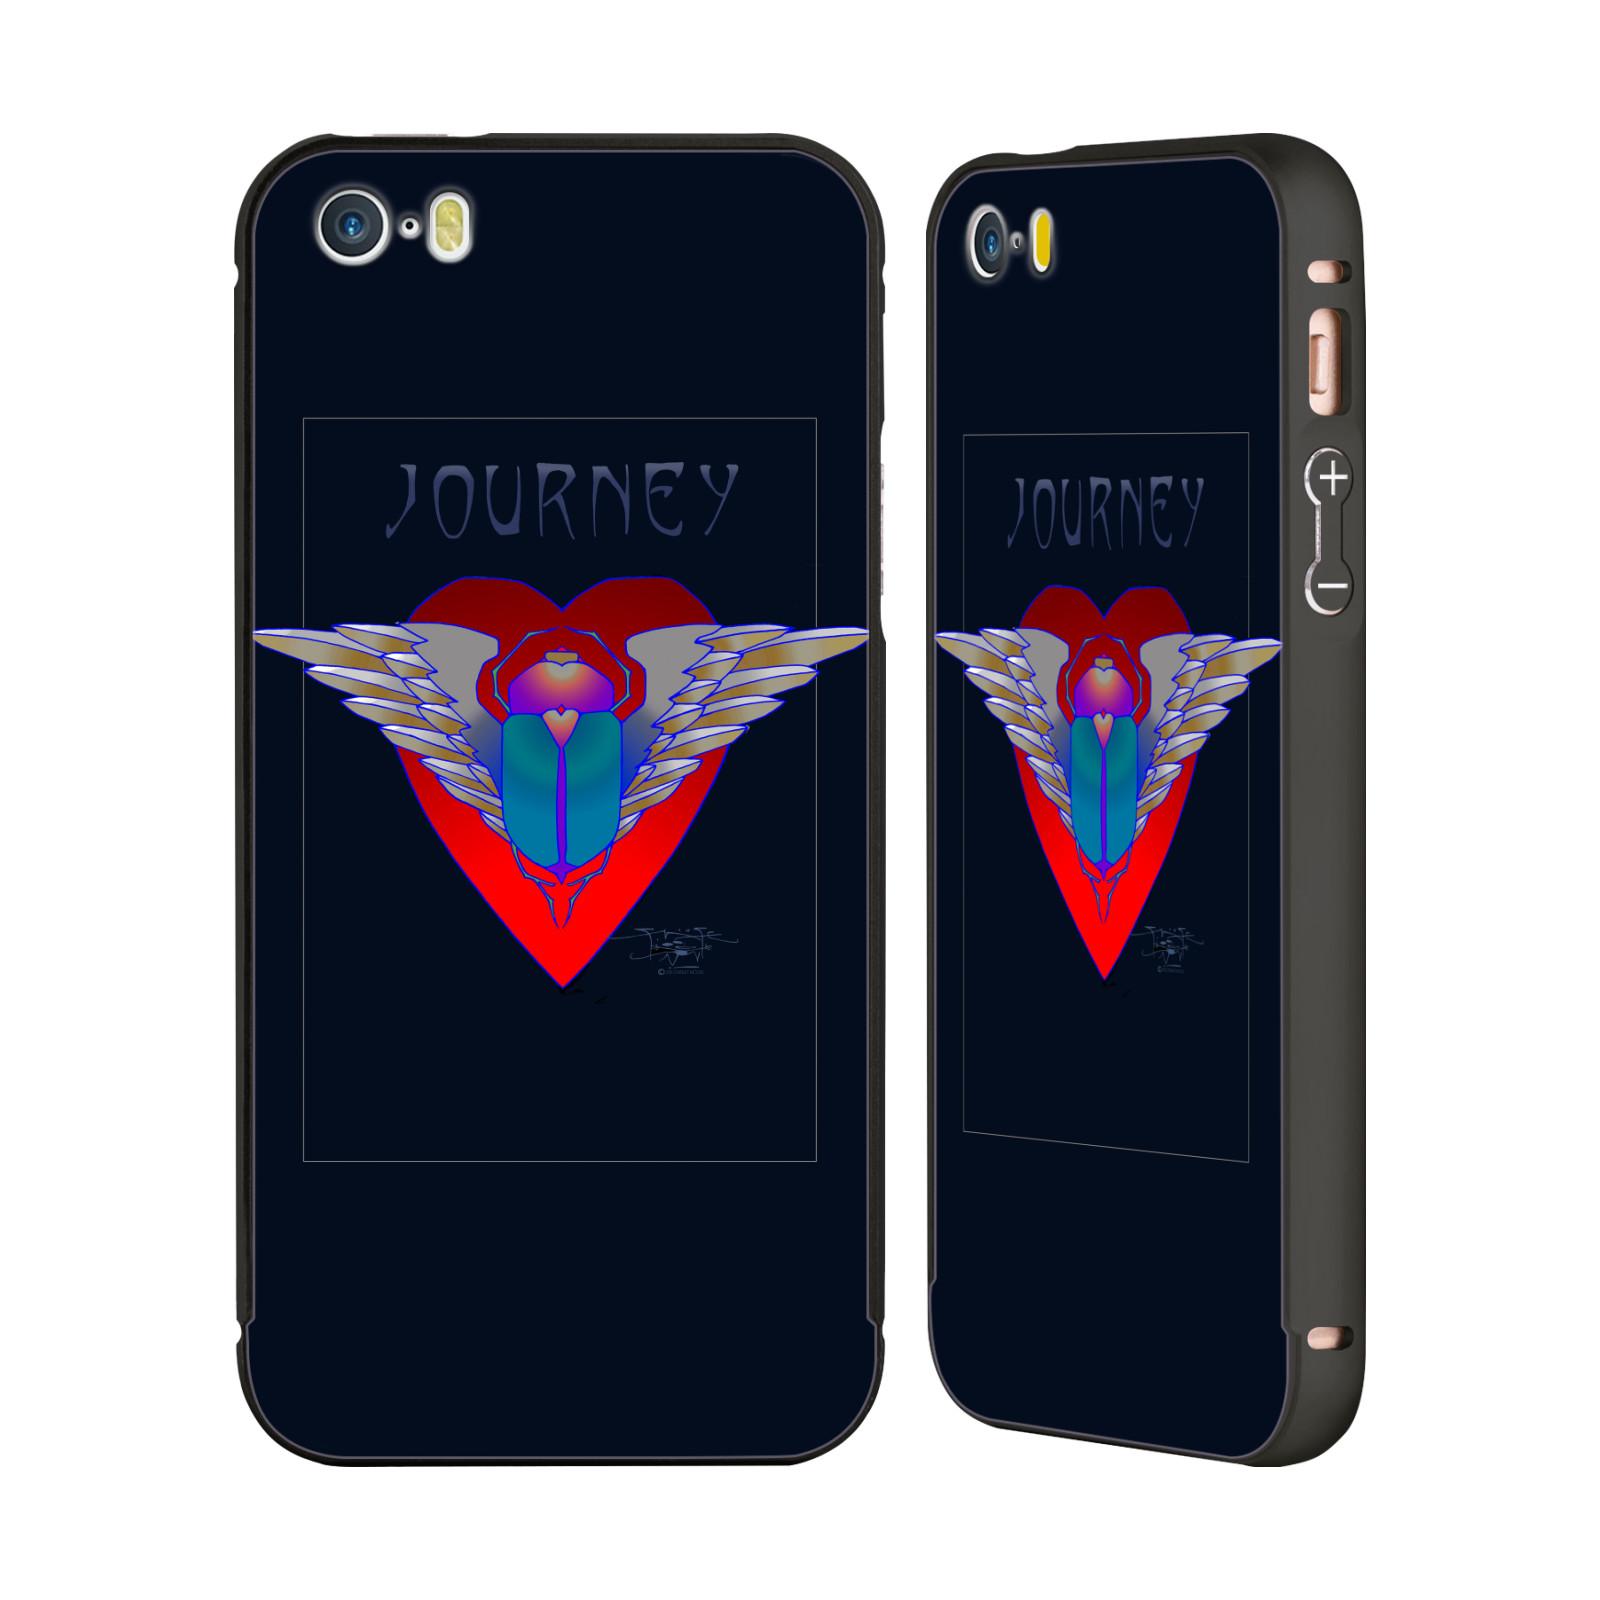 OFFICIAL-JOURNEY-LOGO-2-BLACK-BUMPER-SLIDER-CASE-FOR-APPLE-iPHONE-PHONES